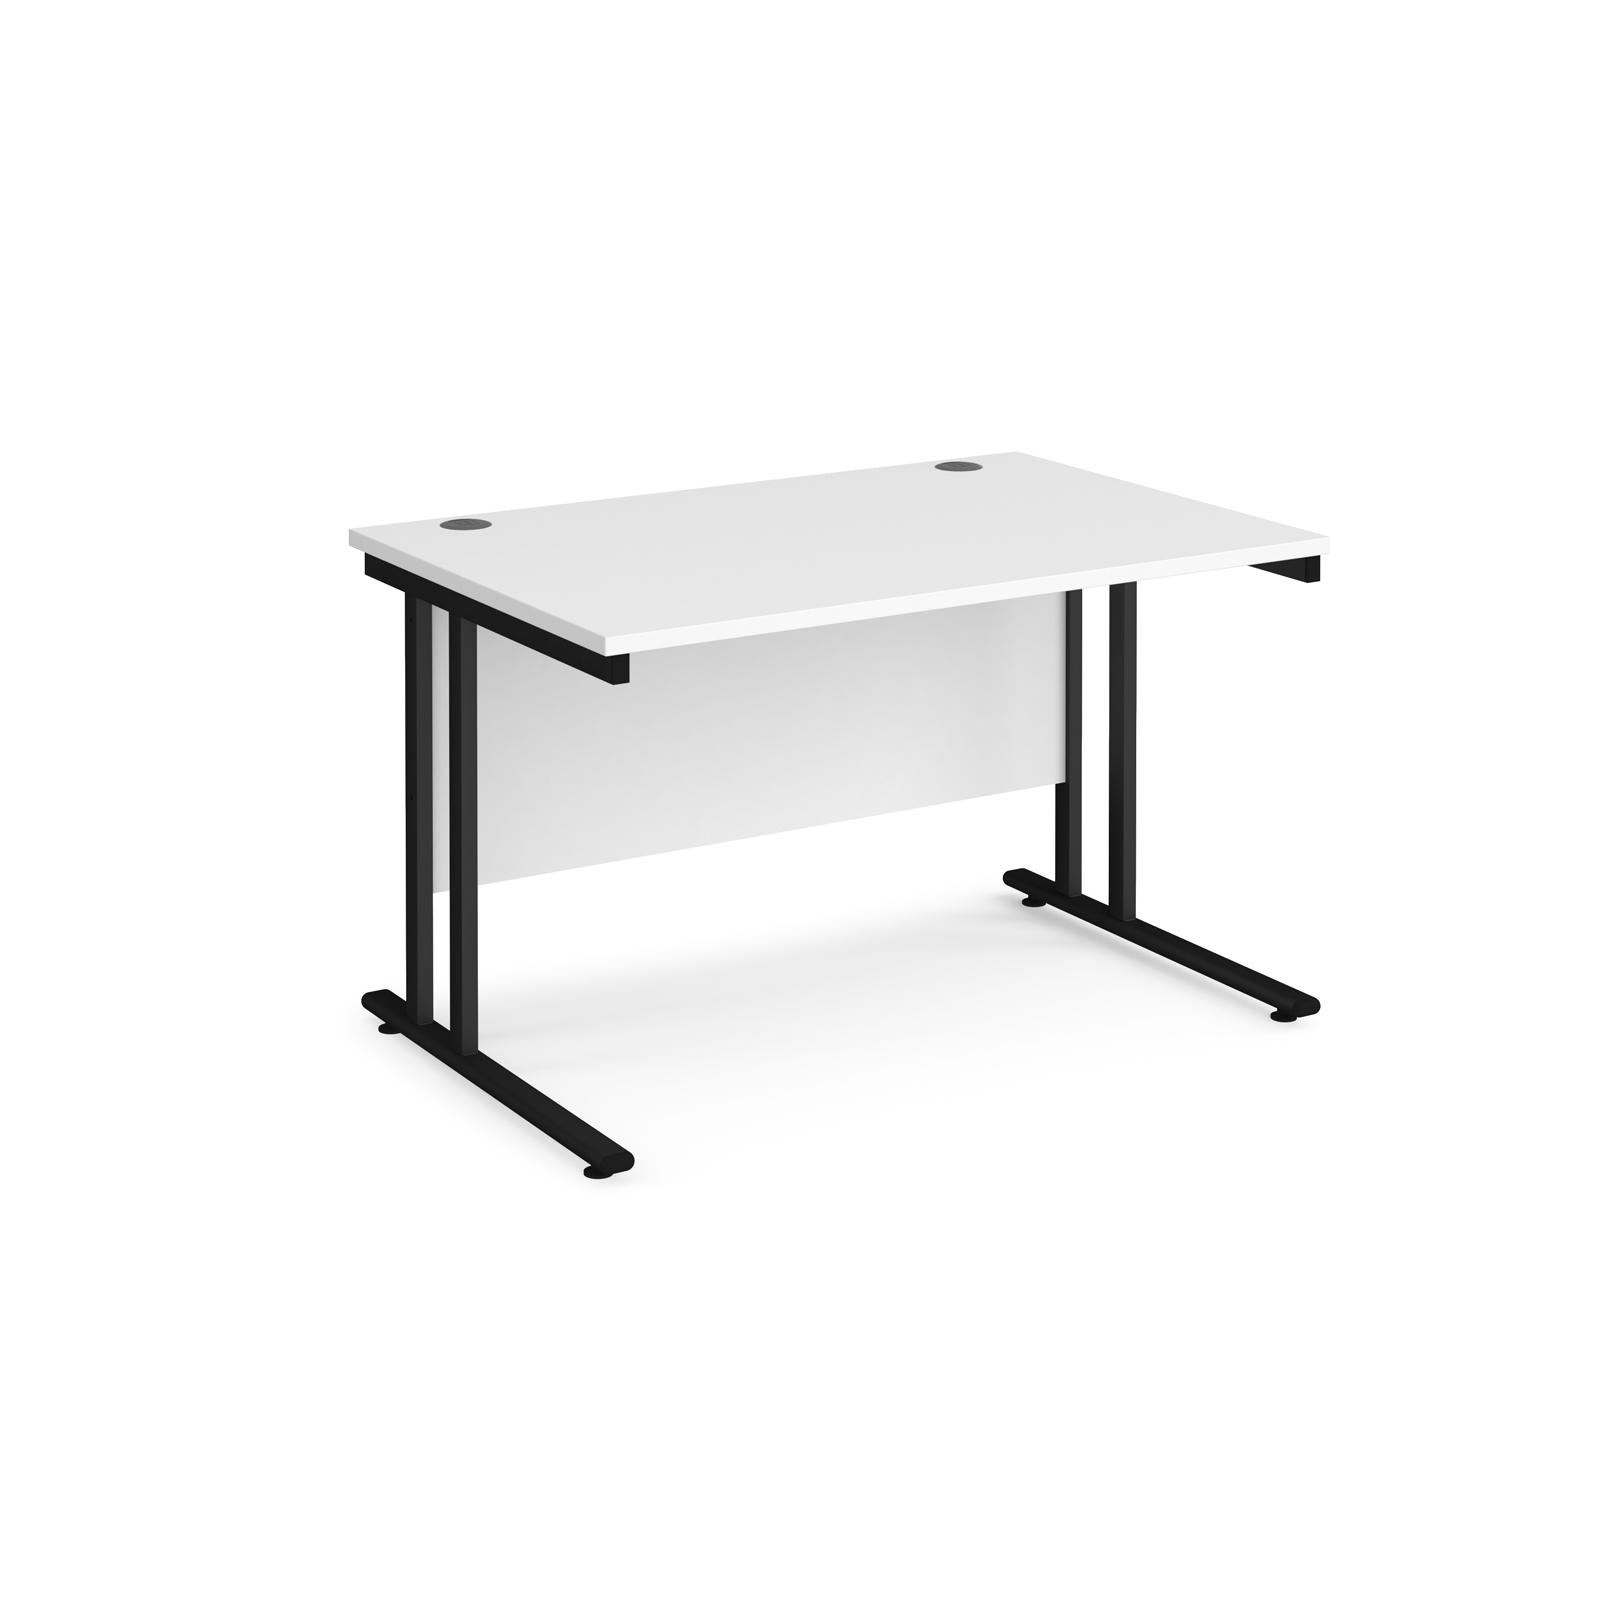 Rectangular Desks Maestro 25 straight desk 1200mm x 800mm - black cantilever leg frame, white top